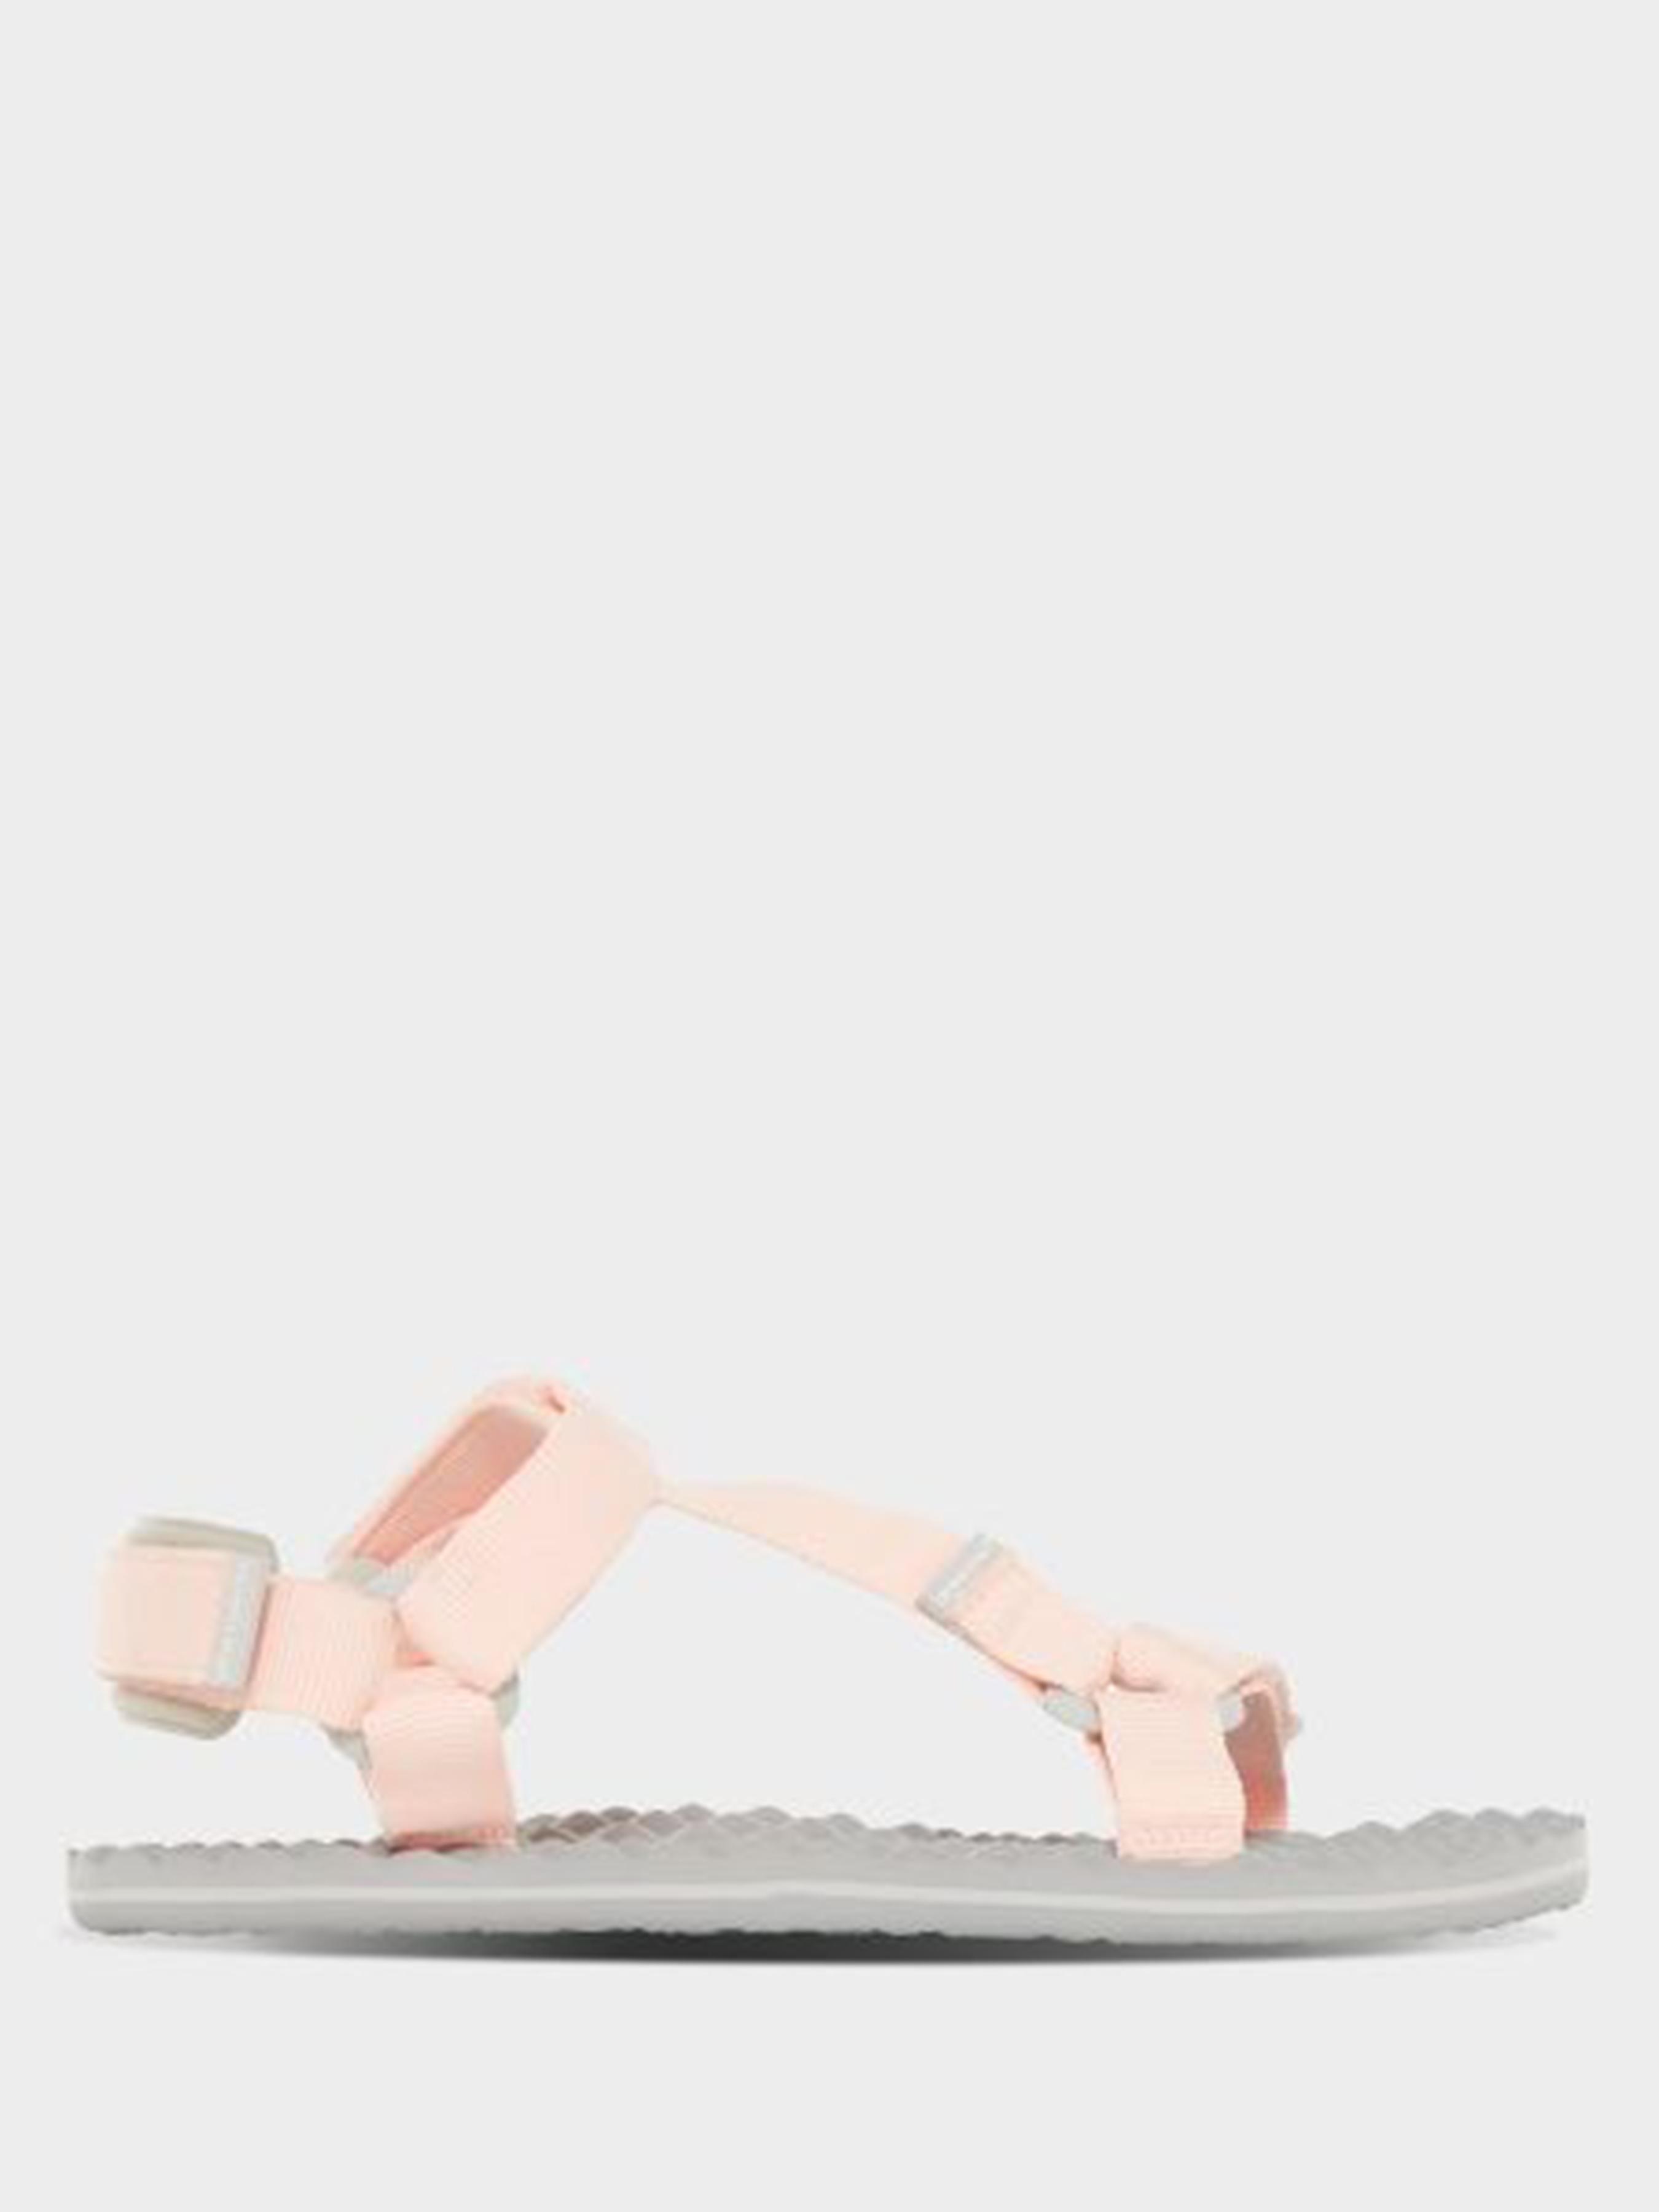 Купить Сандалии женские The North Face BASECMP SWITCHBACK NO9735, Розовый